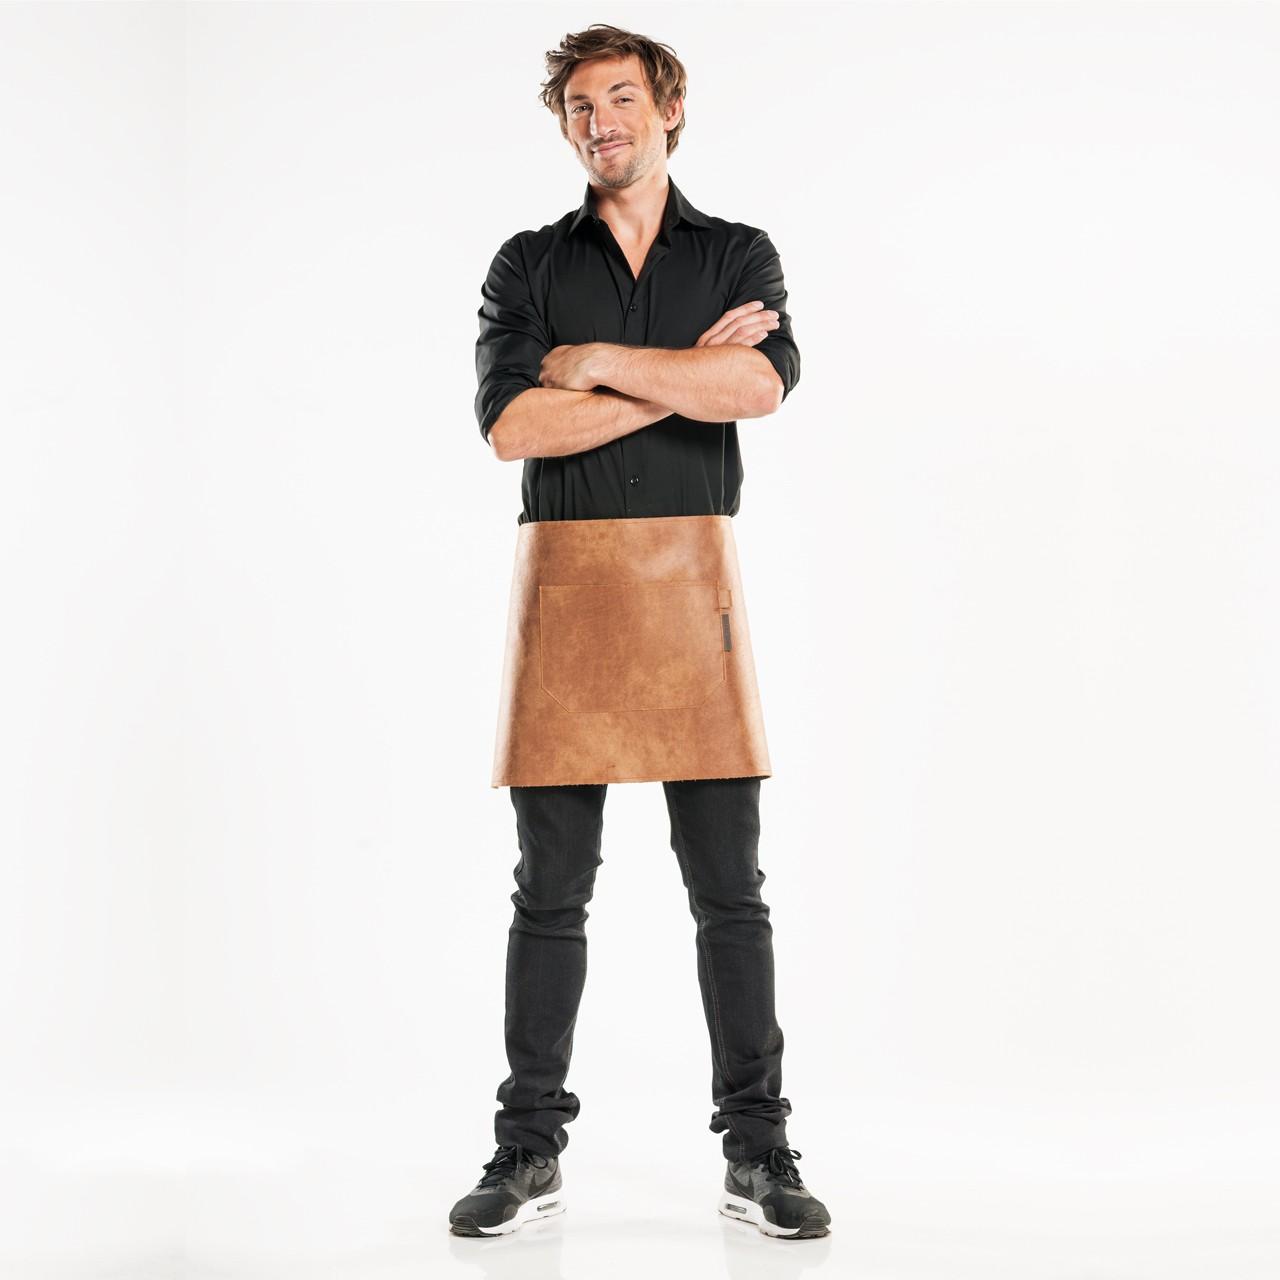 Leder Bistroschürze Regular mit Tasche Chaud Devant® | bedrucken, besticken, bedrucken lassen, besticken lassen, mit Logo |